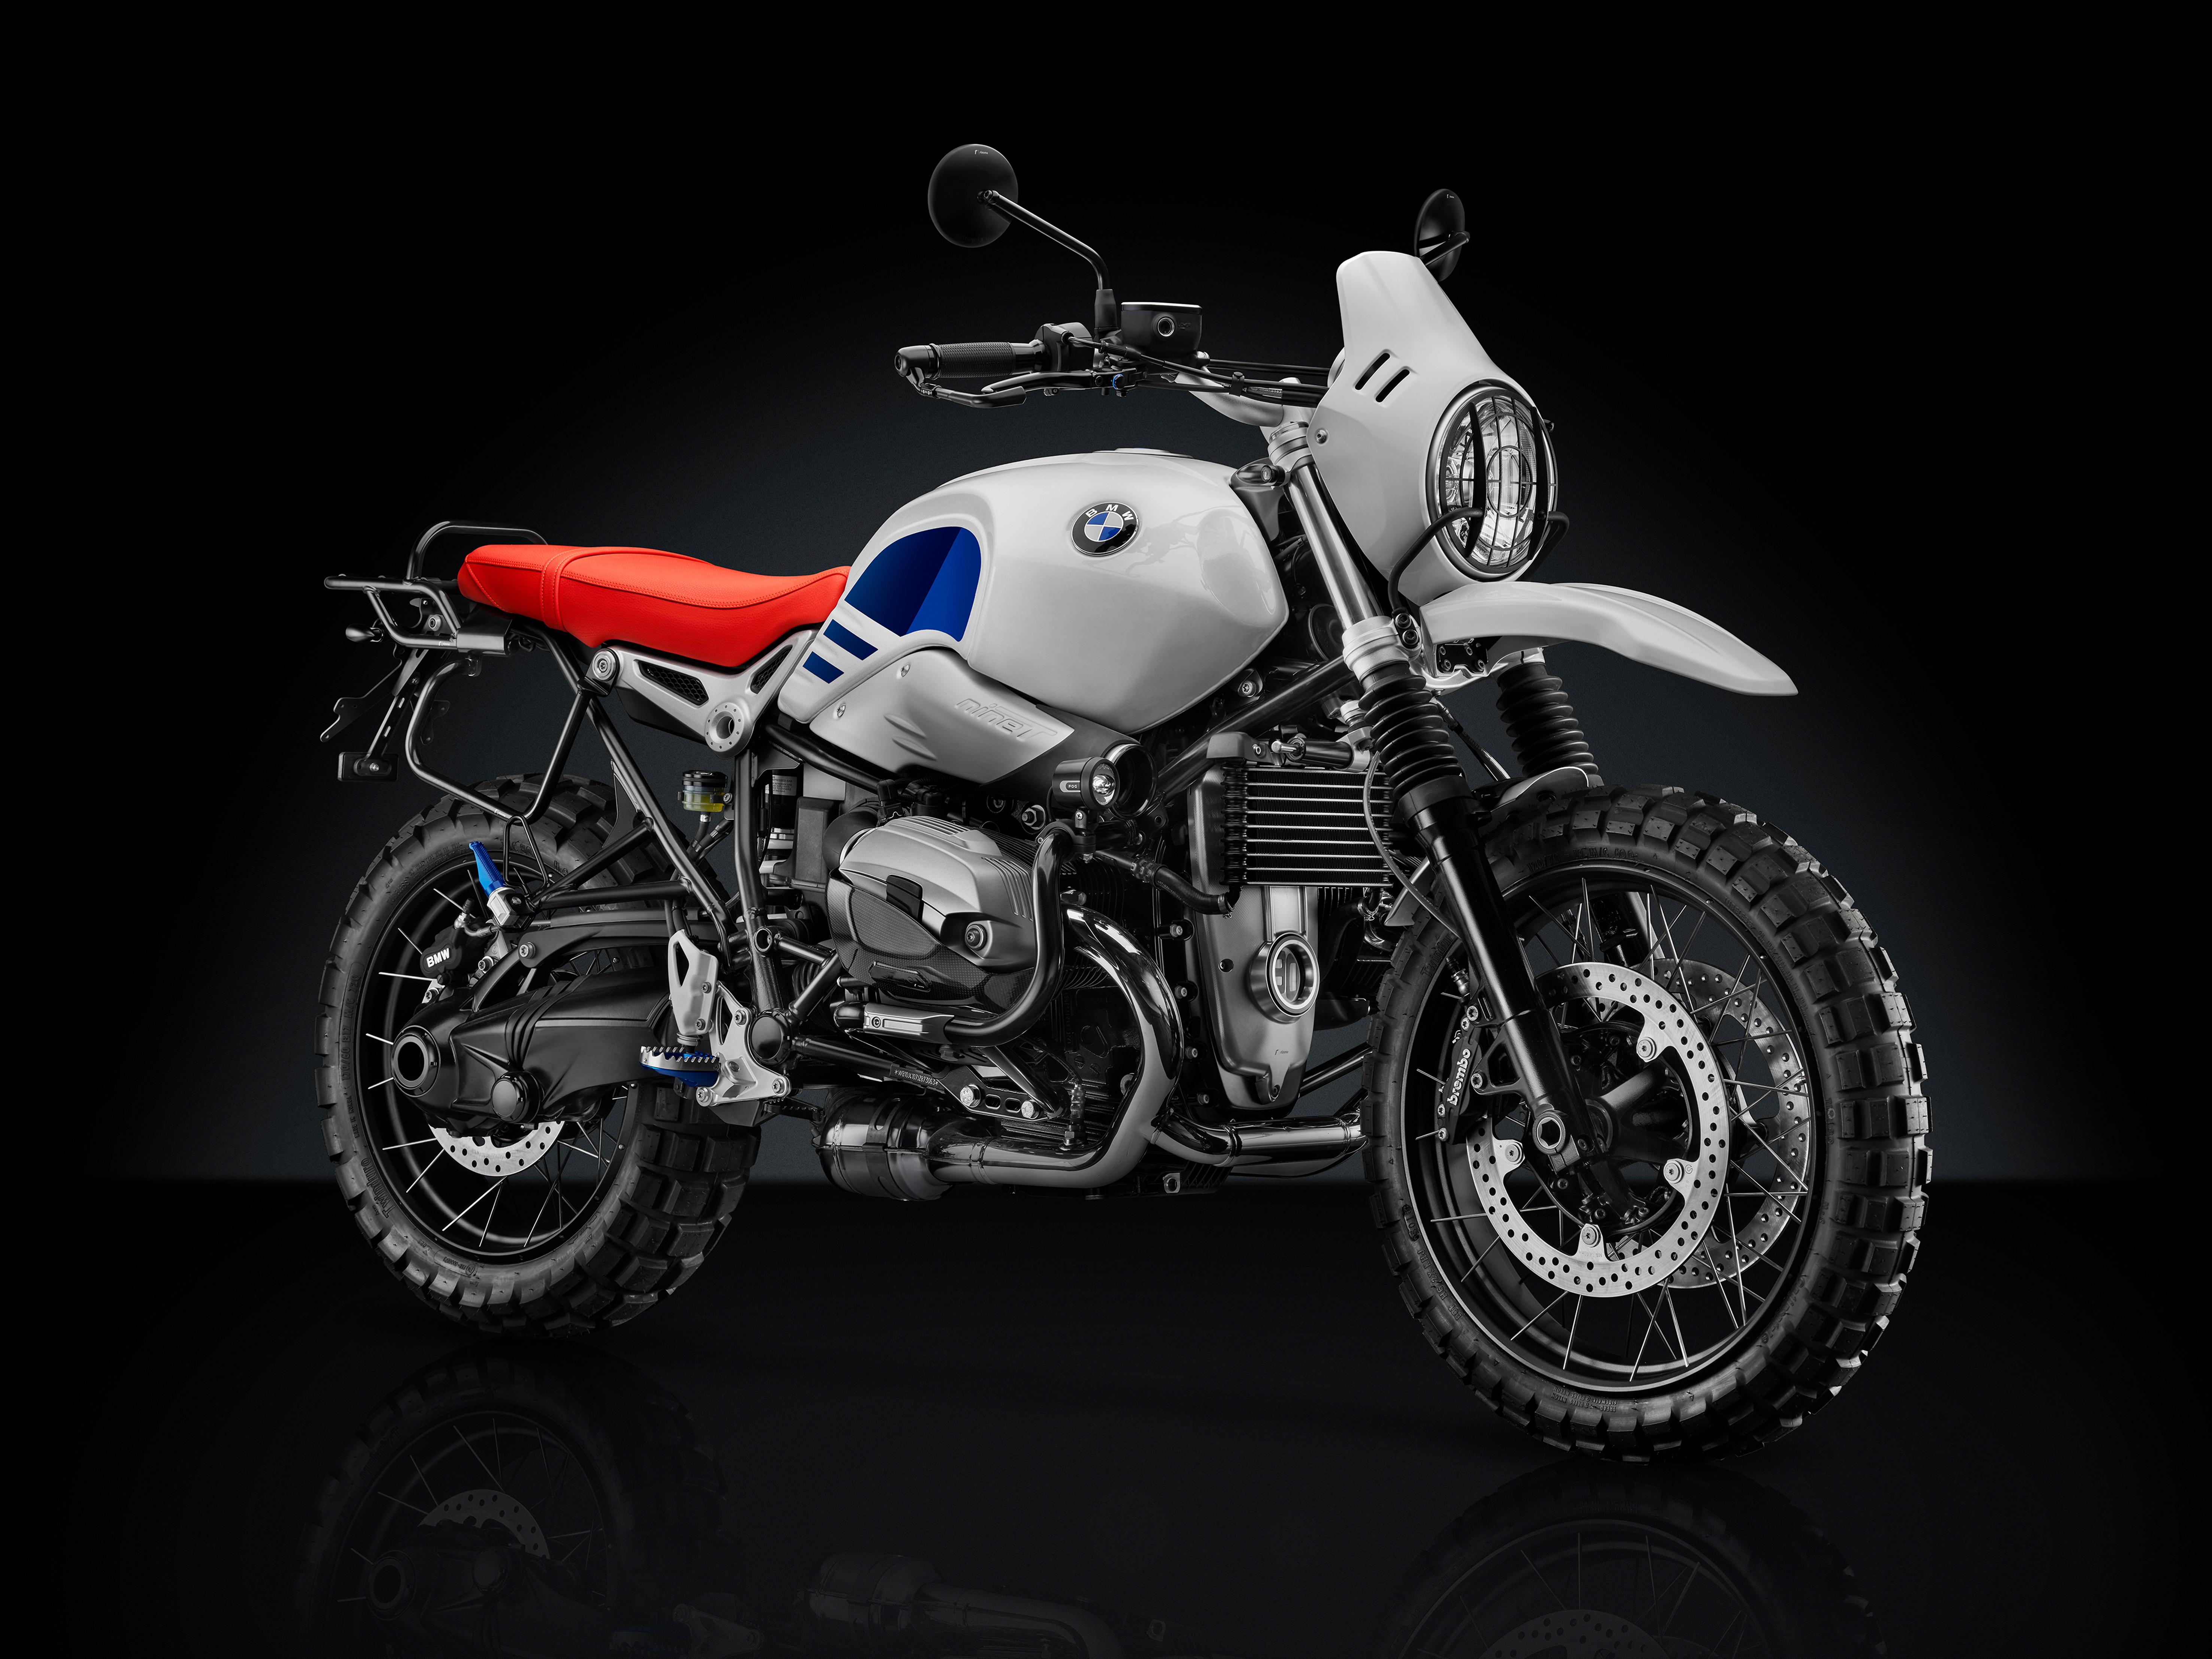 Neue Rizoma Zubehorlinie Fur Die Bmw R Ninet Urban G S Motorrad News